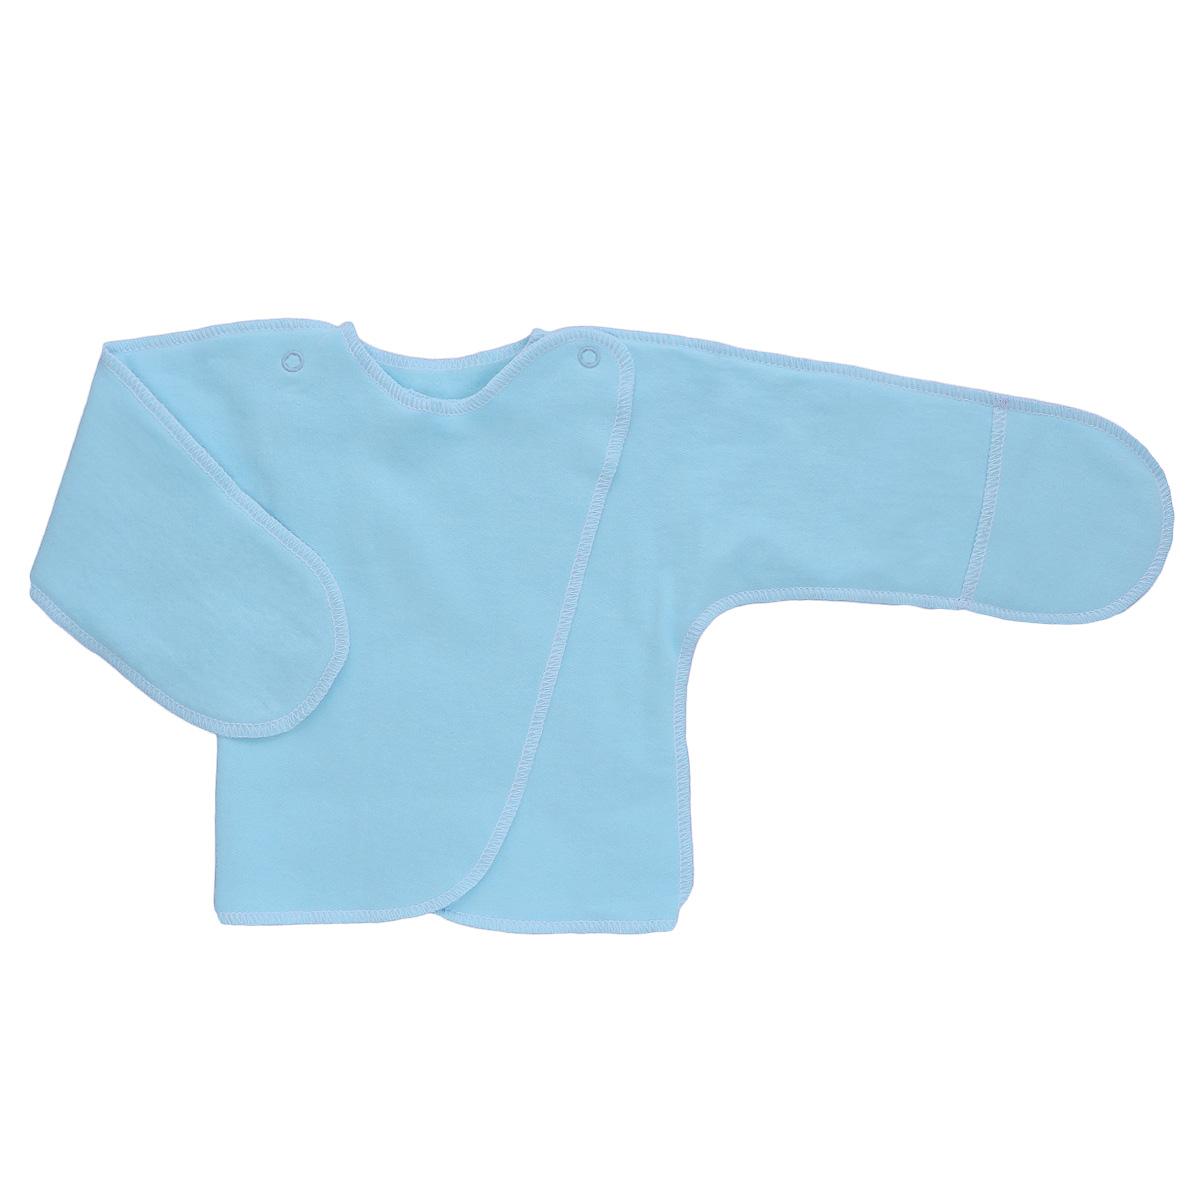 Распашонка. 50235023Распашонка с закрытыми ручками Трон-плюс послужит идеальным дополнением к гардеробу младенца. Распашонка, выполненная швами наружу, изготовлена из футера - натурального хлопка, благодаря чему она необычайно мягкая, легкая и теплая, не раздражает нежную кожу ребенка и хорошо вентилируется, а эластичные швы приятны телу младенца и не препятствуют его движениям. Распашонка с запахом, застегивается при помощи двух кнопок на плечах, которые позволяют без труда переодеть ребенка. Благодаря рукавичкам ребенок не поцарапает себя.